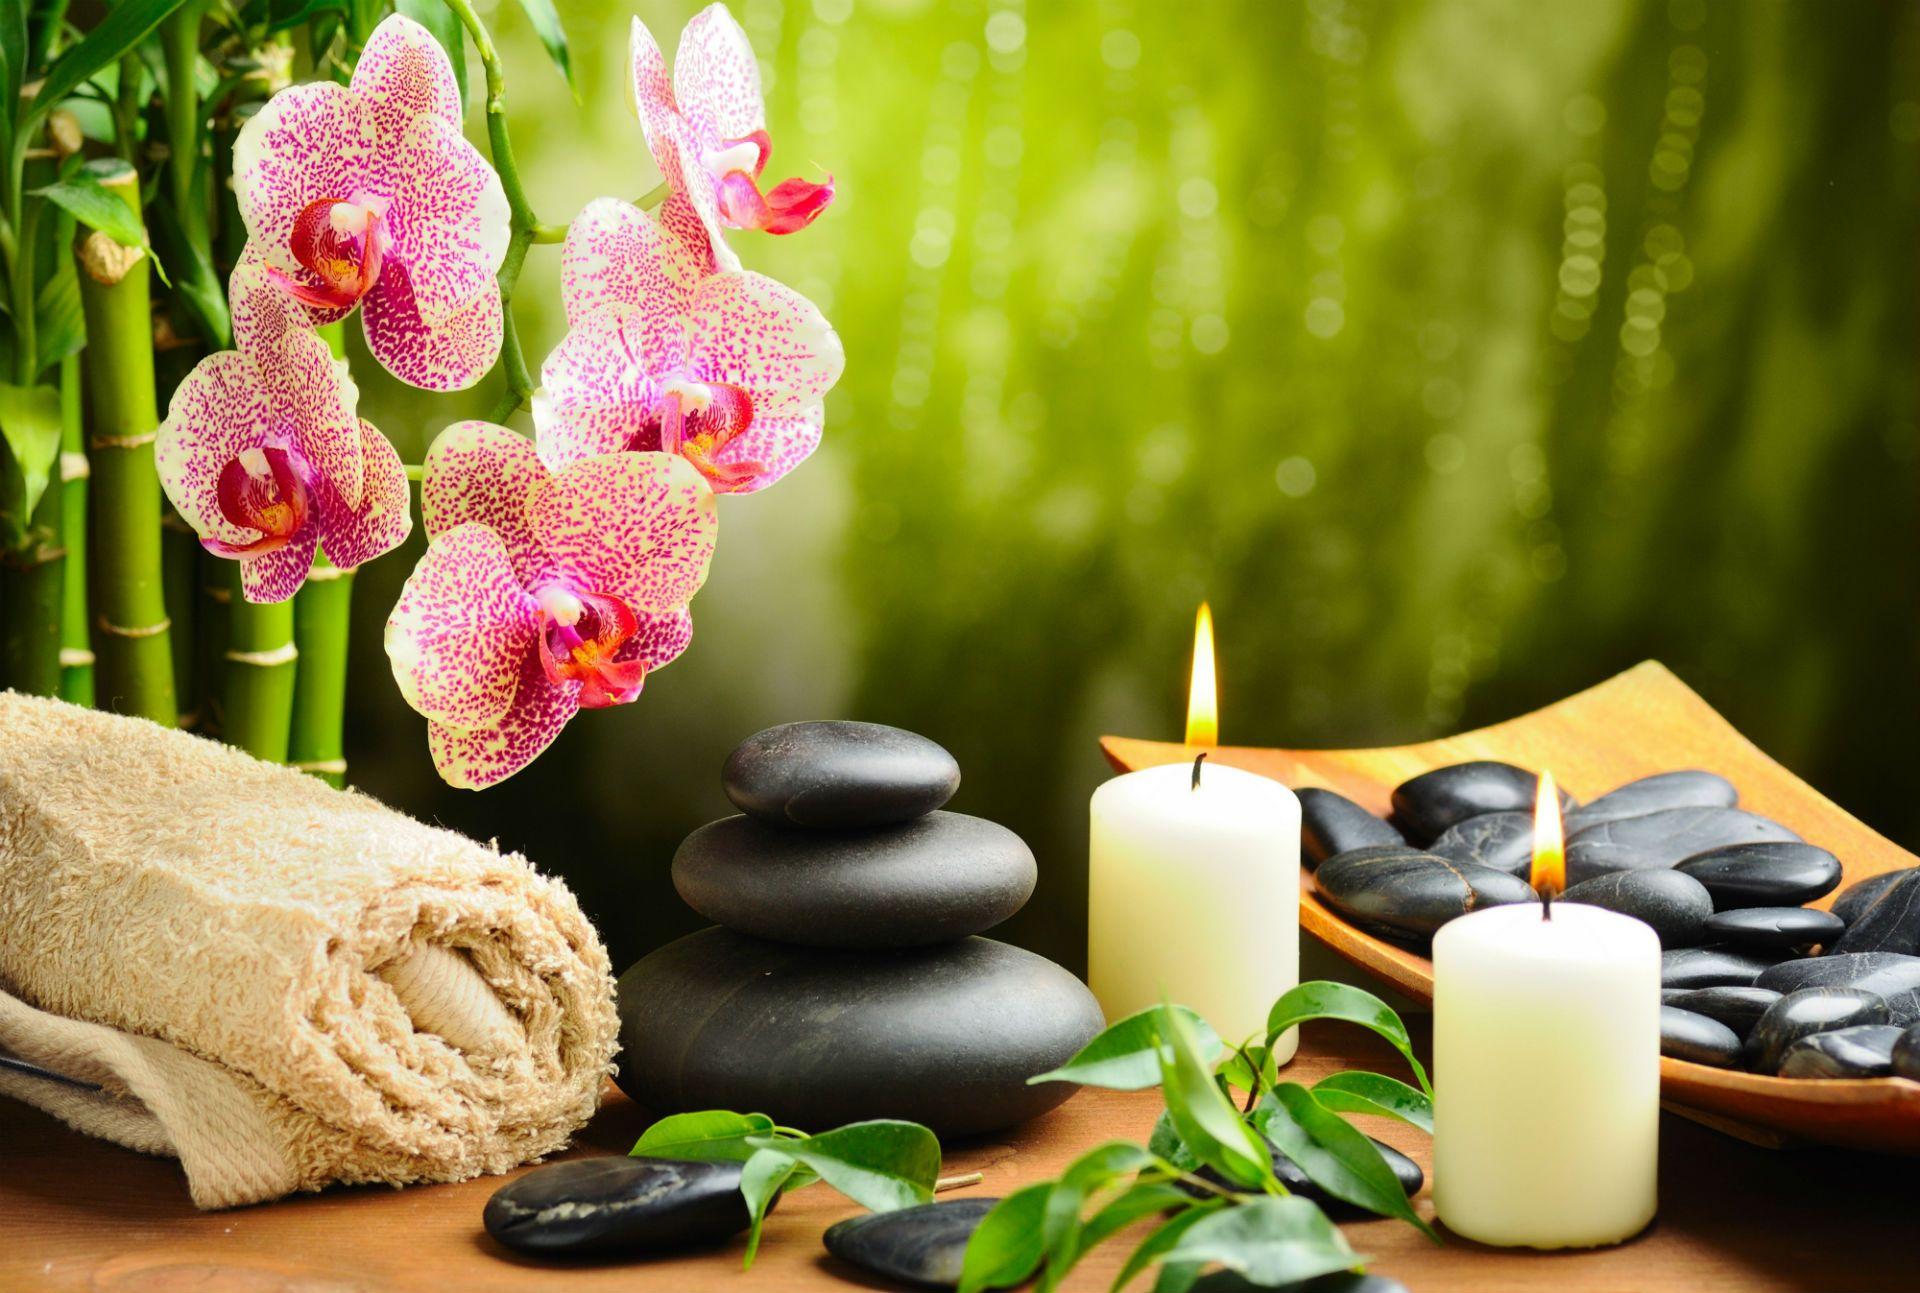 Wellness steine wallpaper  undefined Zen Stones Wallpapers (27 Wallpapers) | Adorable ...